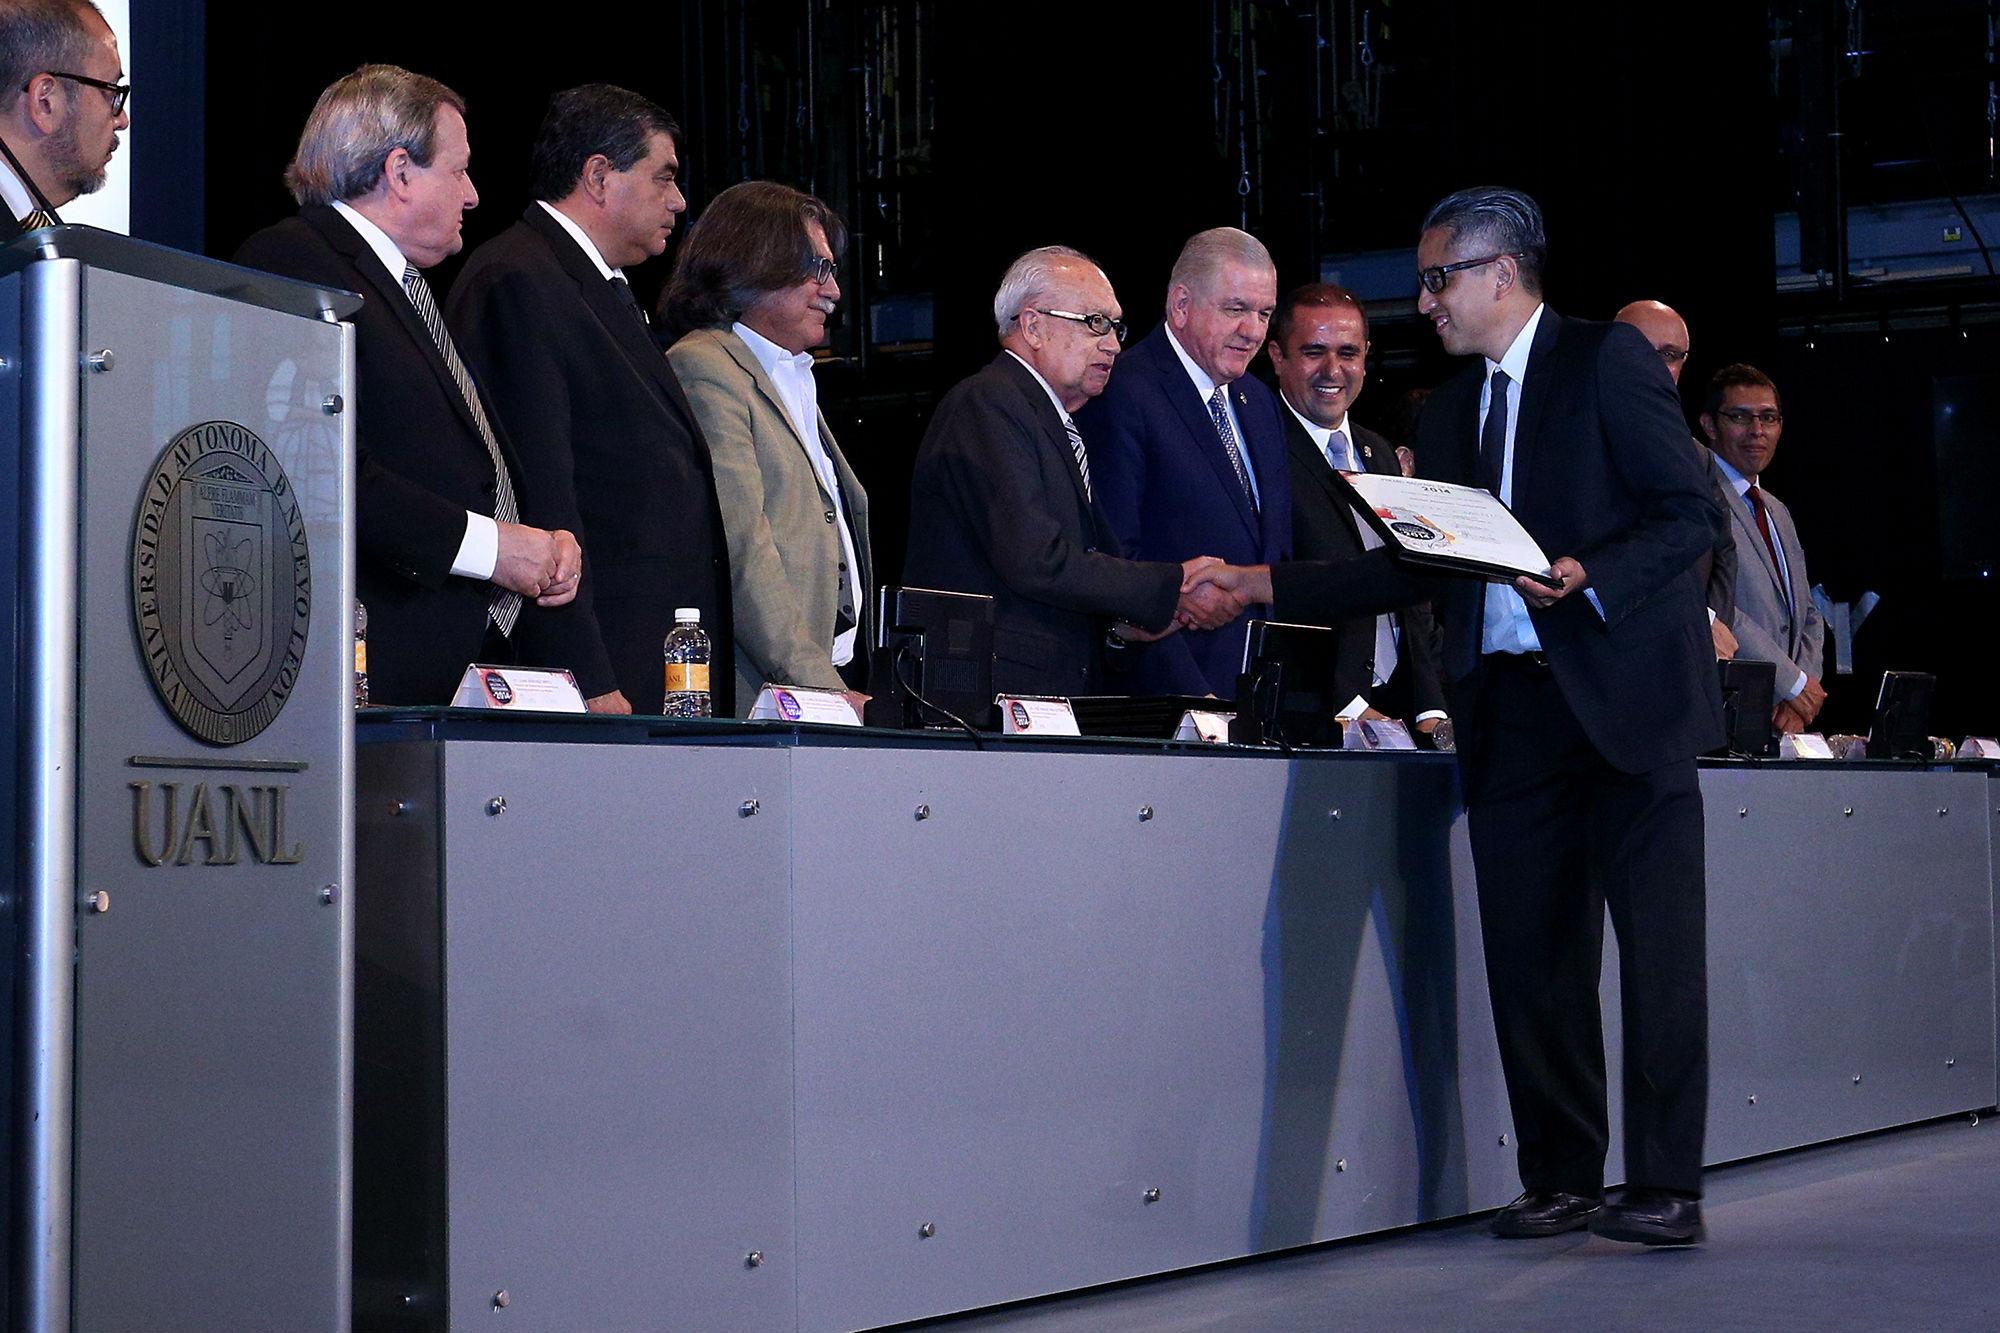 Miembros del jurado recibiendo su reconocimiento